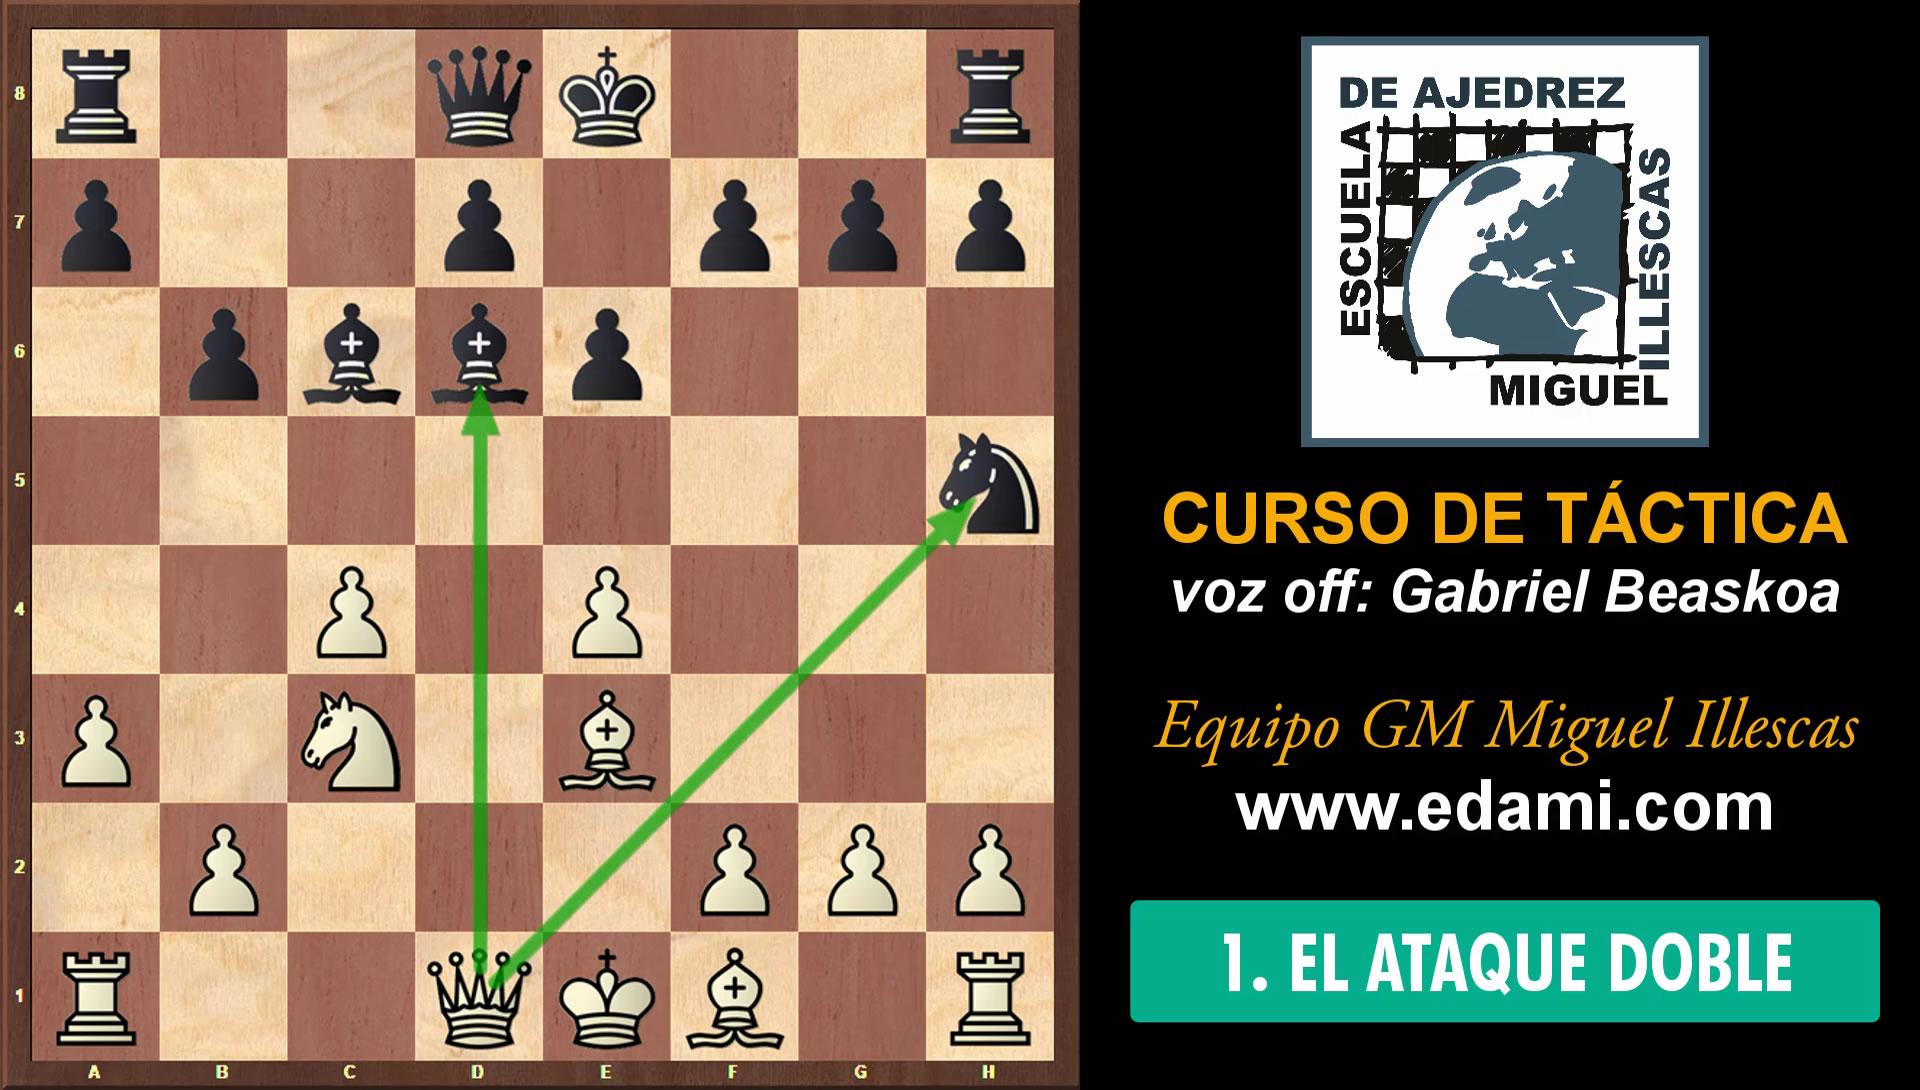 Curso de Táctica de ajedrez EDAMI #01 - El Ataque Doble